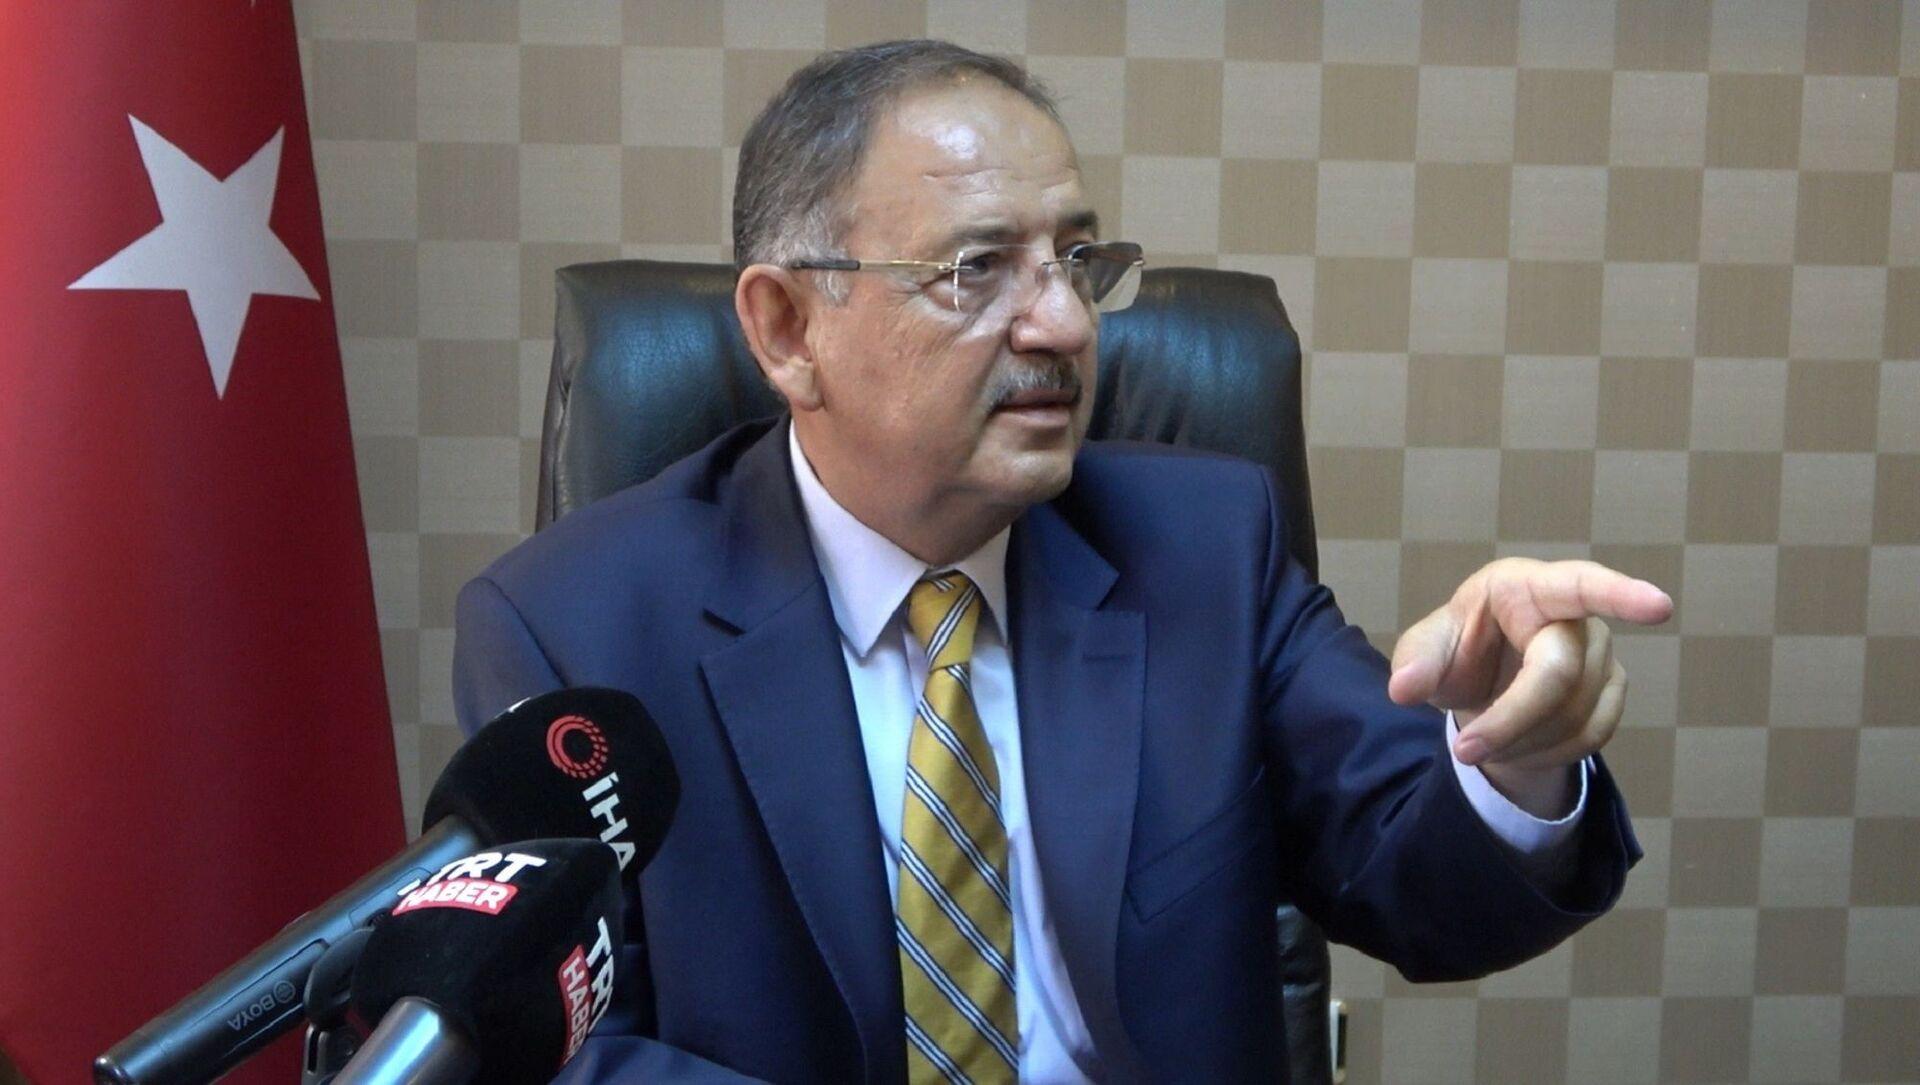 AK Parti Genel Başkan Yardımcısı ve Yerel Yönetimler Başkanı Mehmet Özhaseki, - Sputnik Türkiye, 1920, 30.07.2021